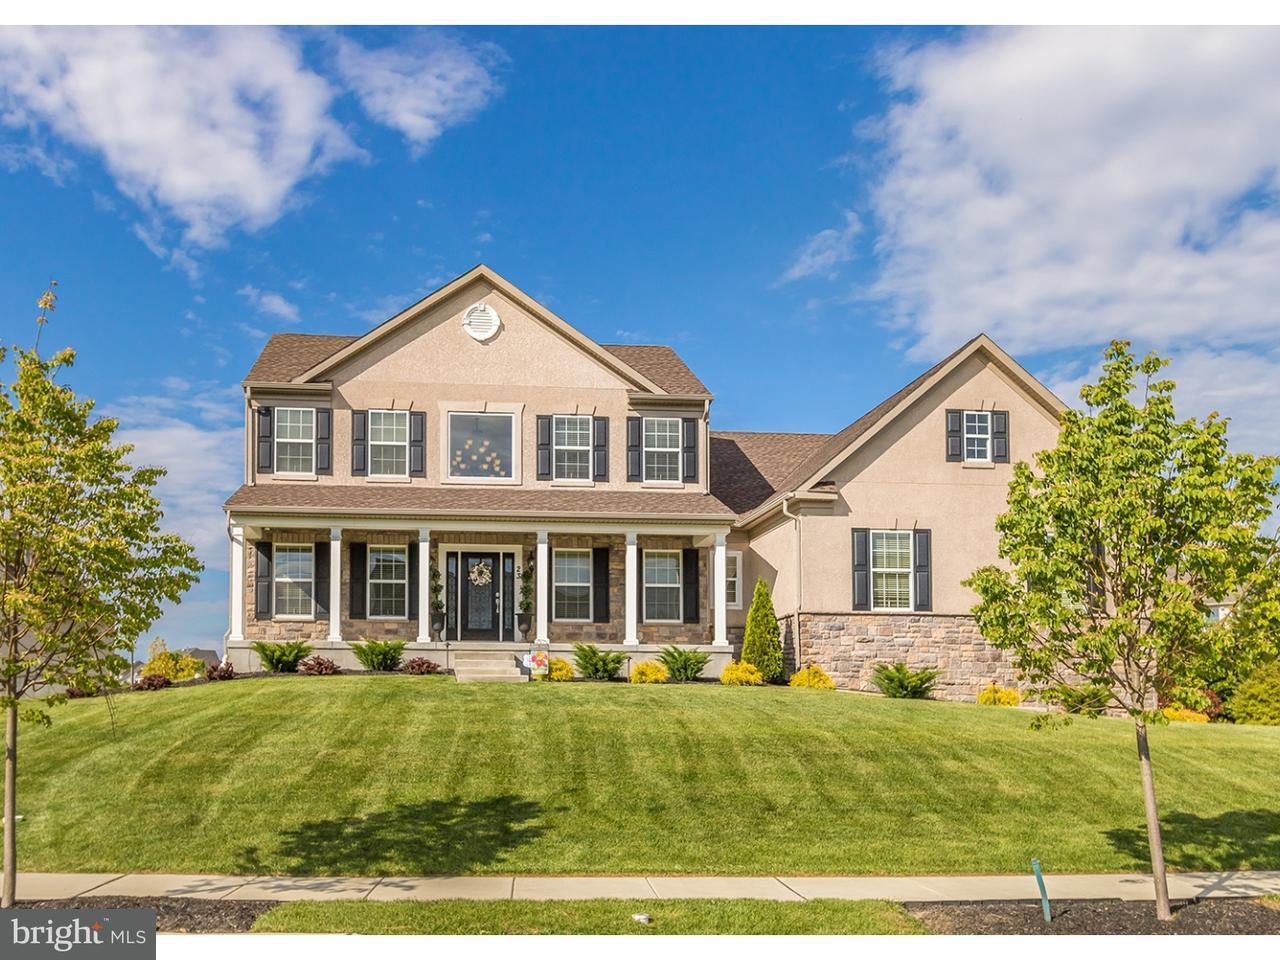 Maison unifamiliale pour l Vente à 23 WELLESLEY WAY Marlton, New Jersey 08053 États-Unis